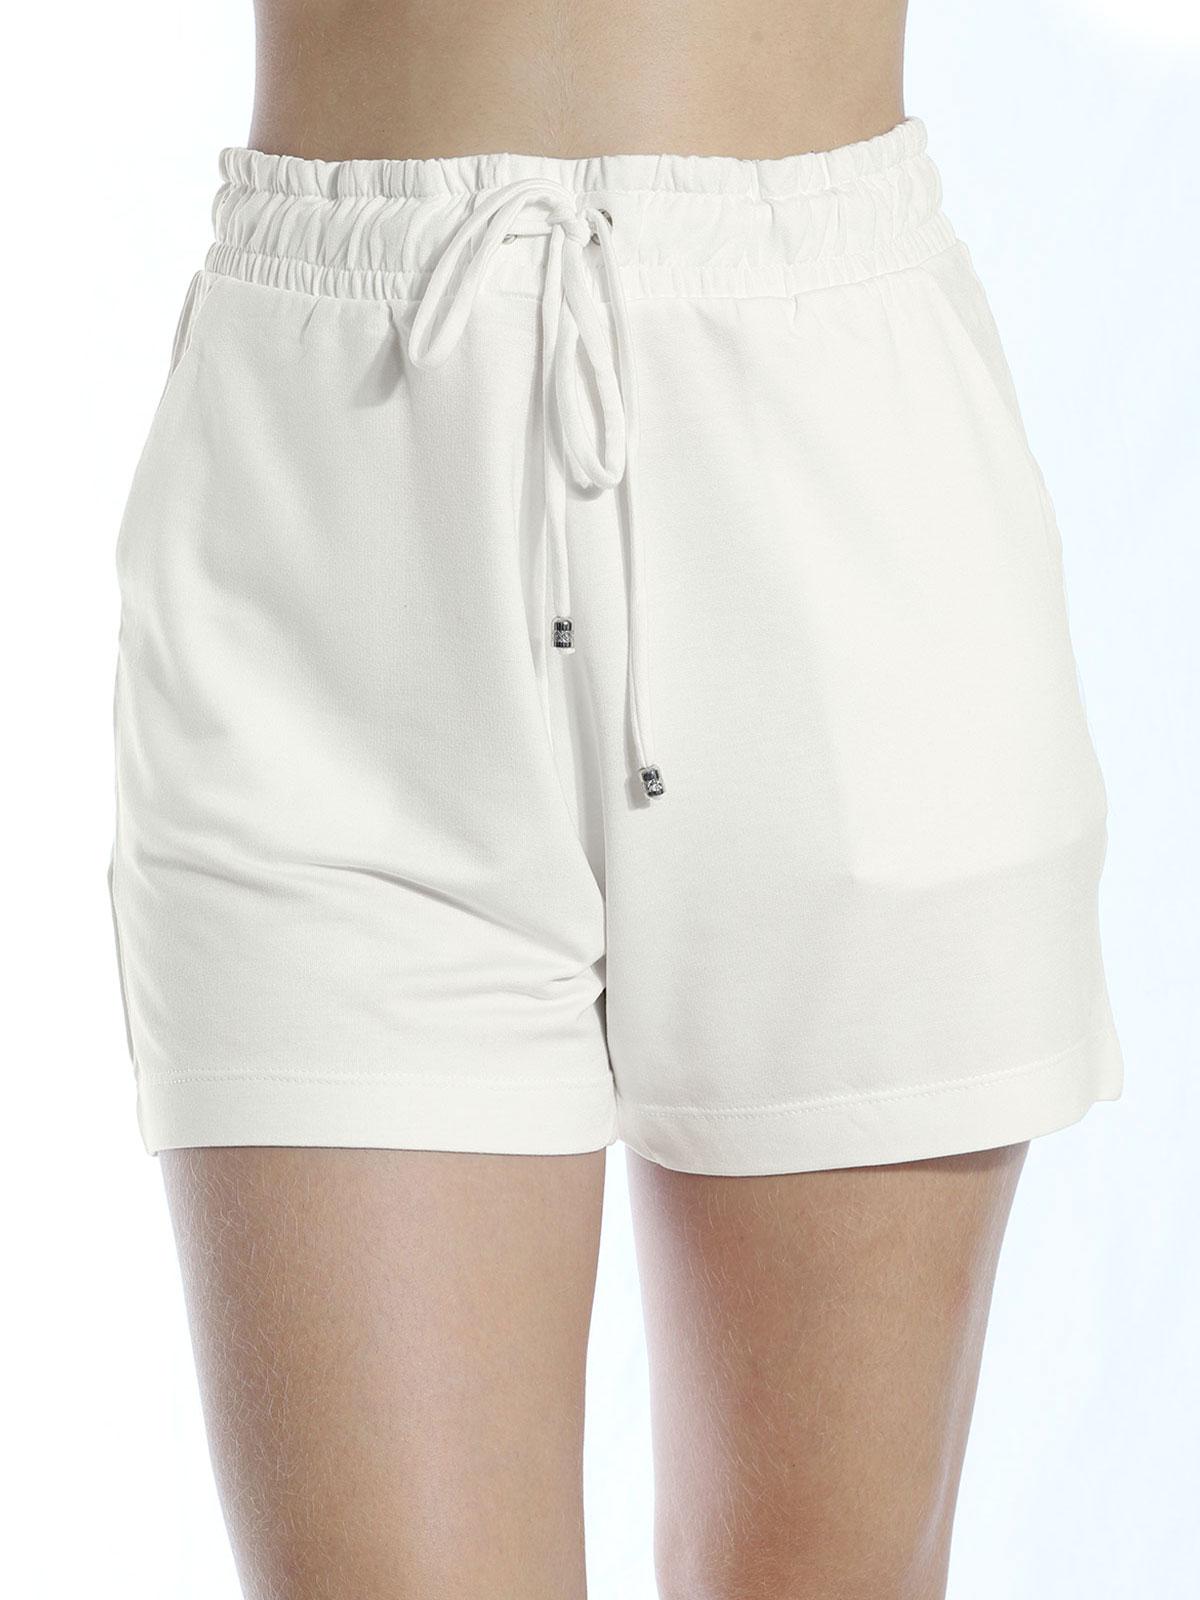 Shorts Feminino Moletinho Com Lycra Liso Soltinho Off White